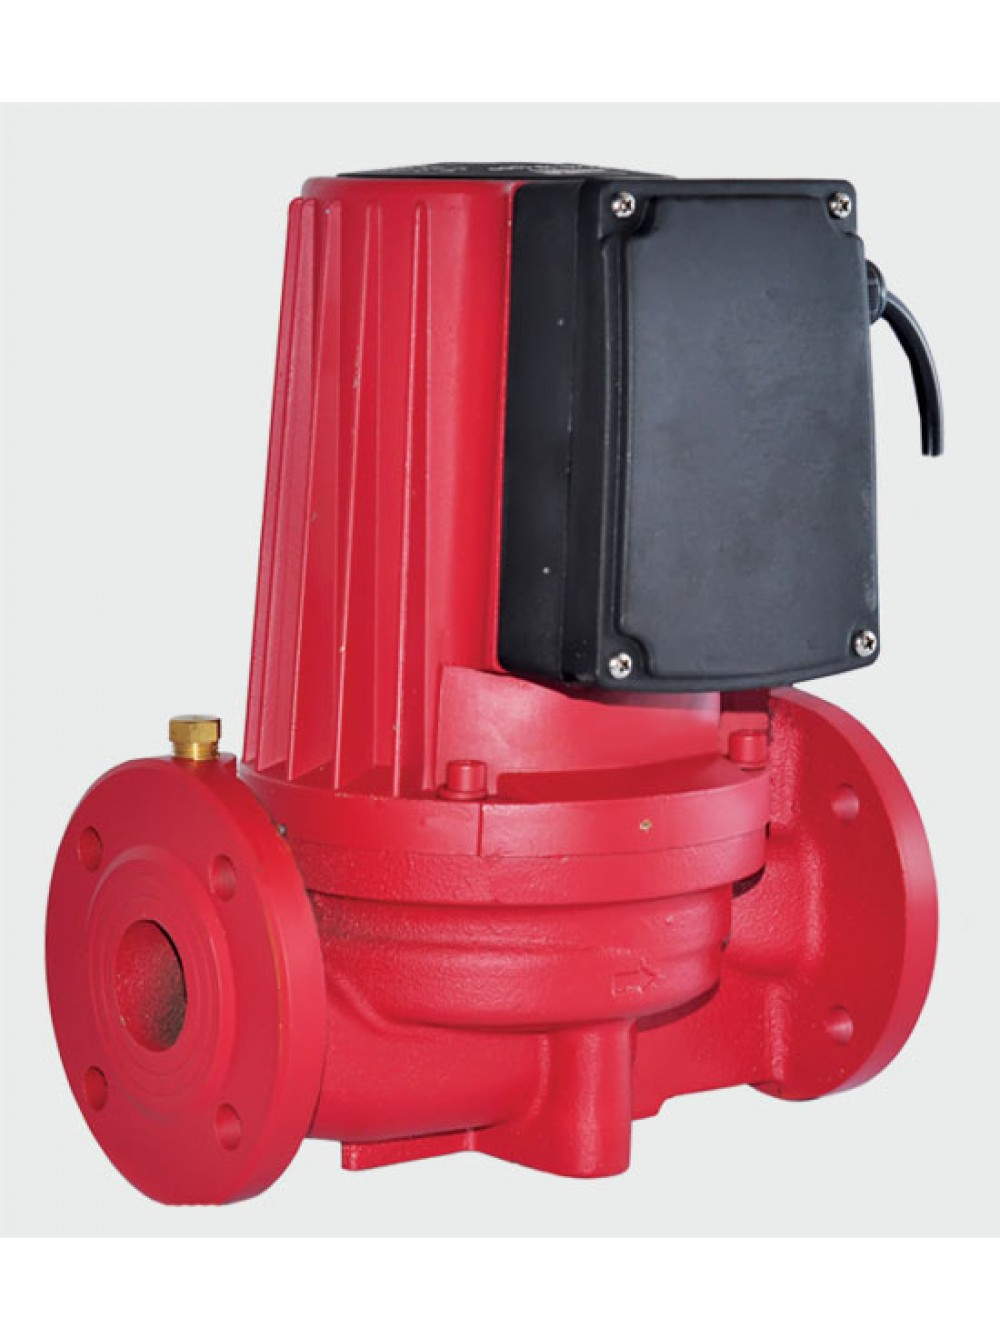 Насос циркуляционный для отопления Euroaqua LPA 40-13-550 vt цена